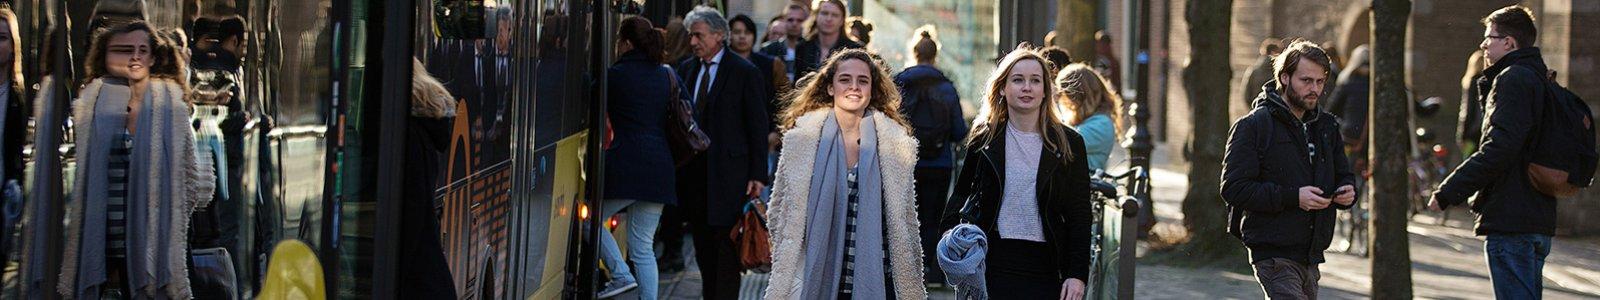 Mensen stappen in en uit bij een bushalte in Utrecht